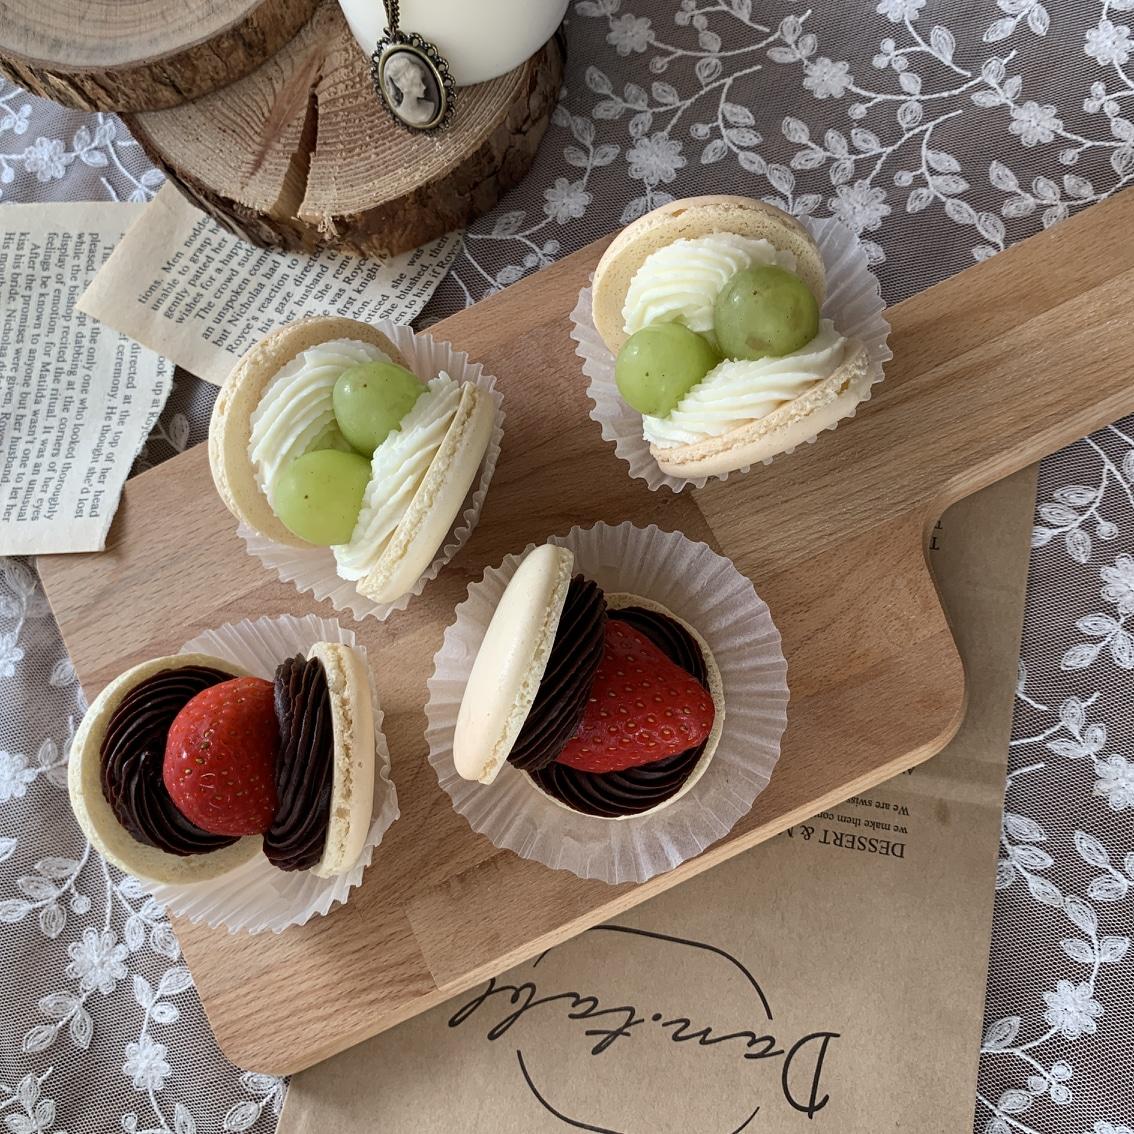 수제마카롱&떡케이크 단테이블